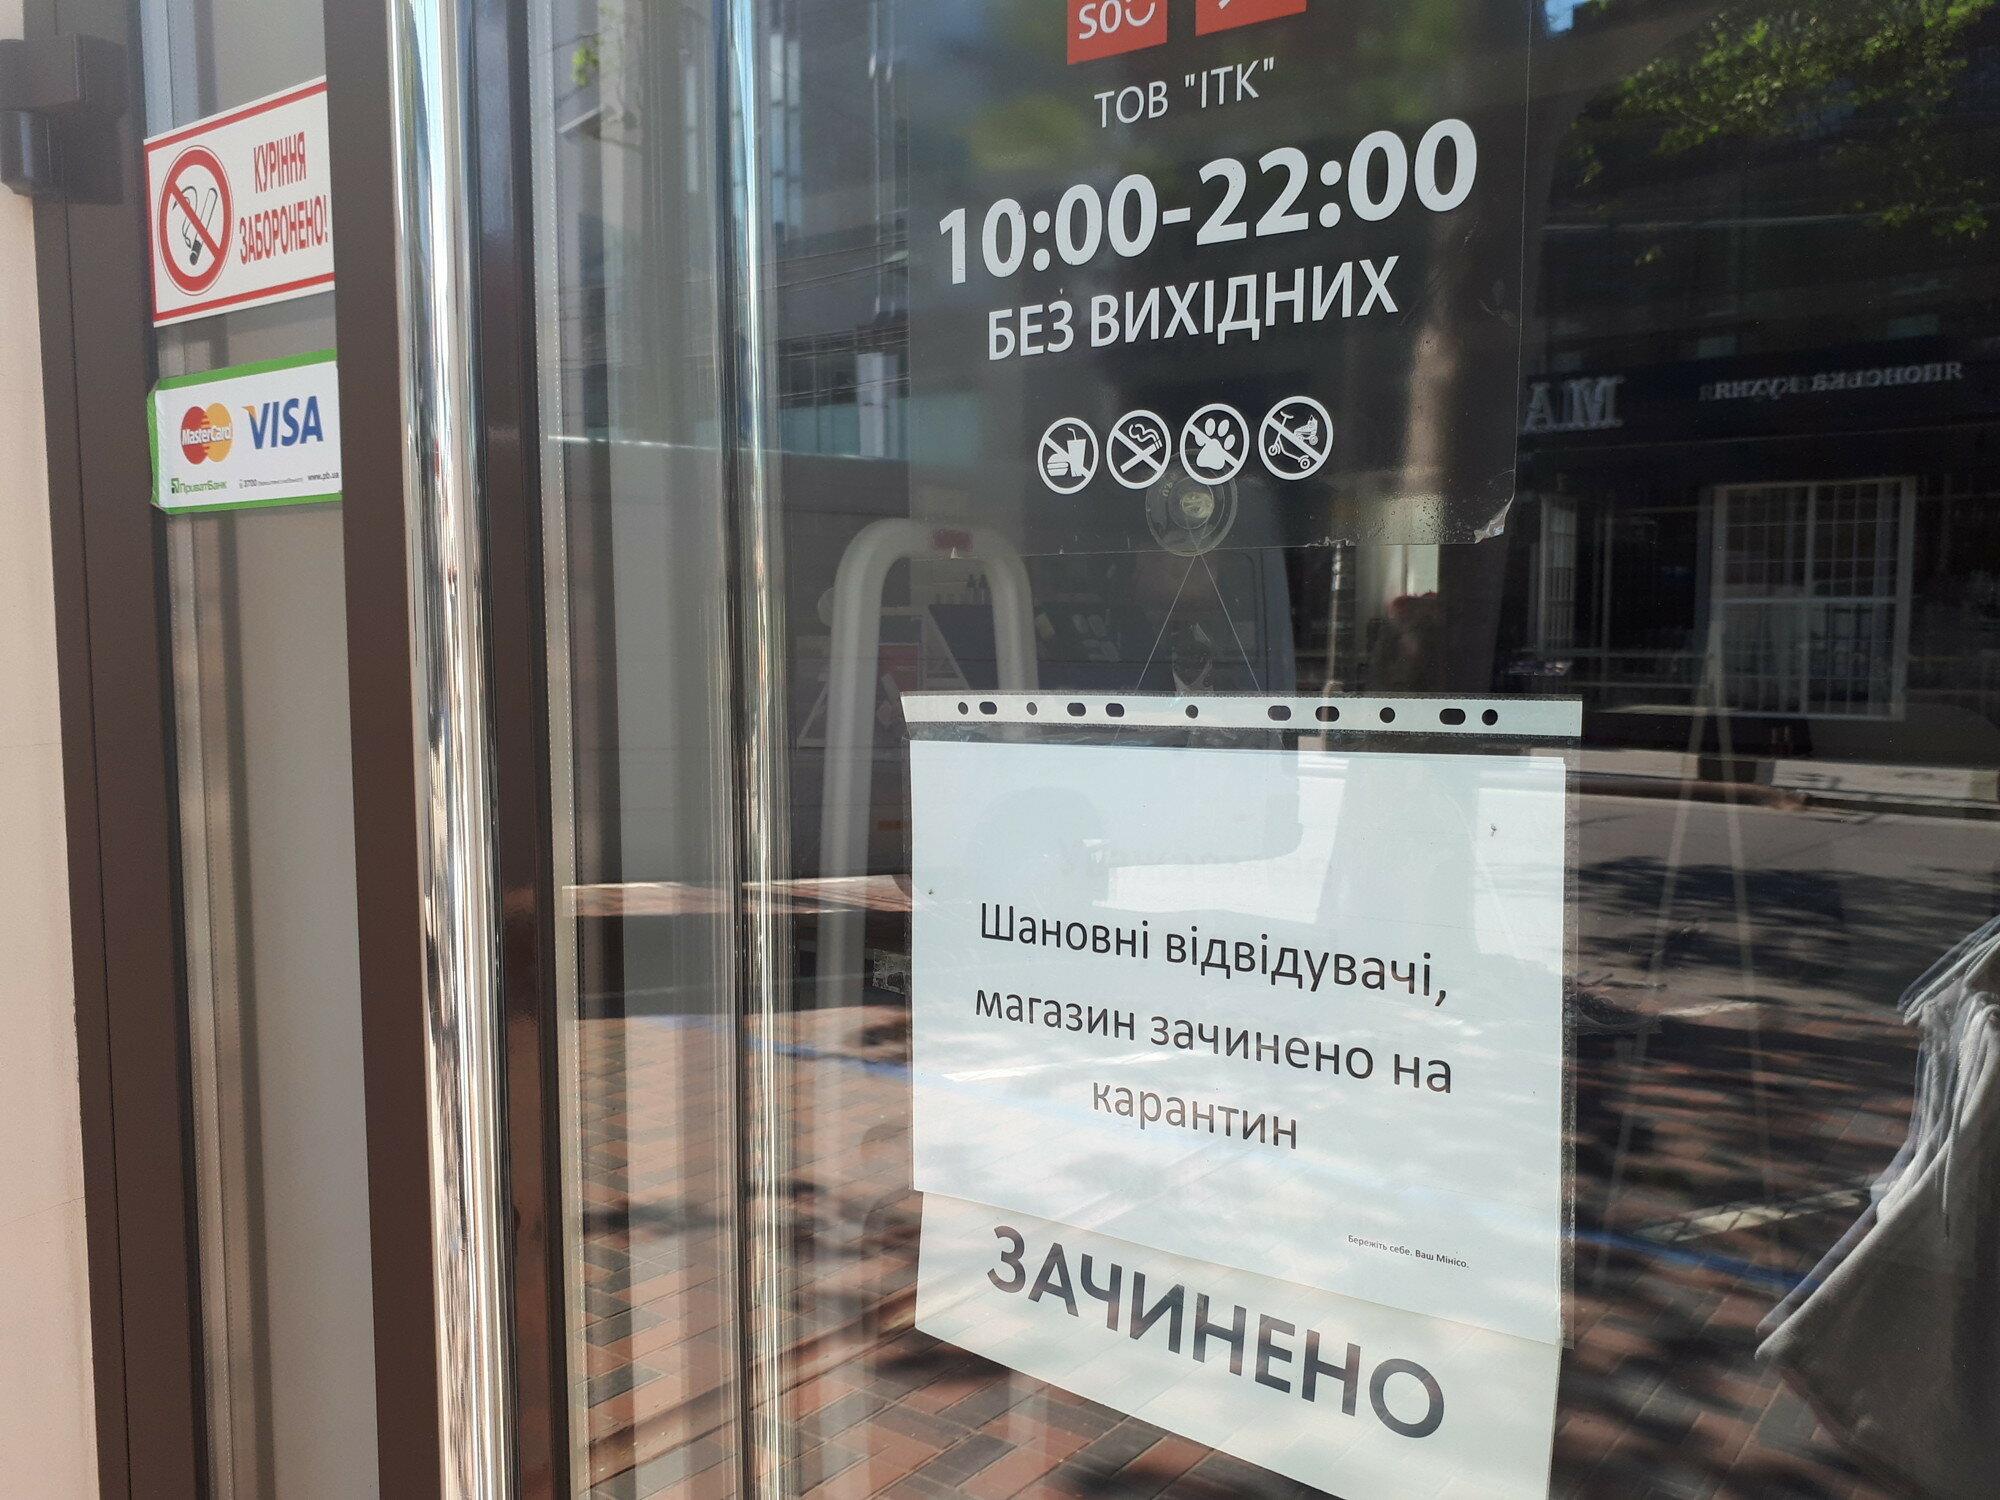 Тотальный локдаун в Украине был бесполезным: наблюдения Amnesty International